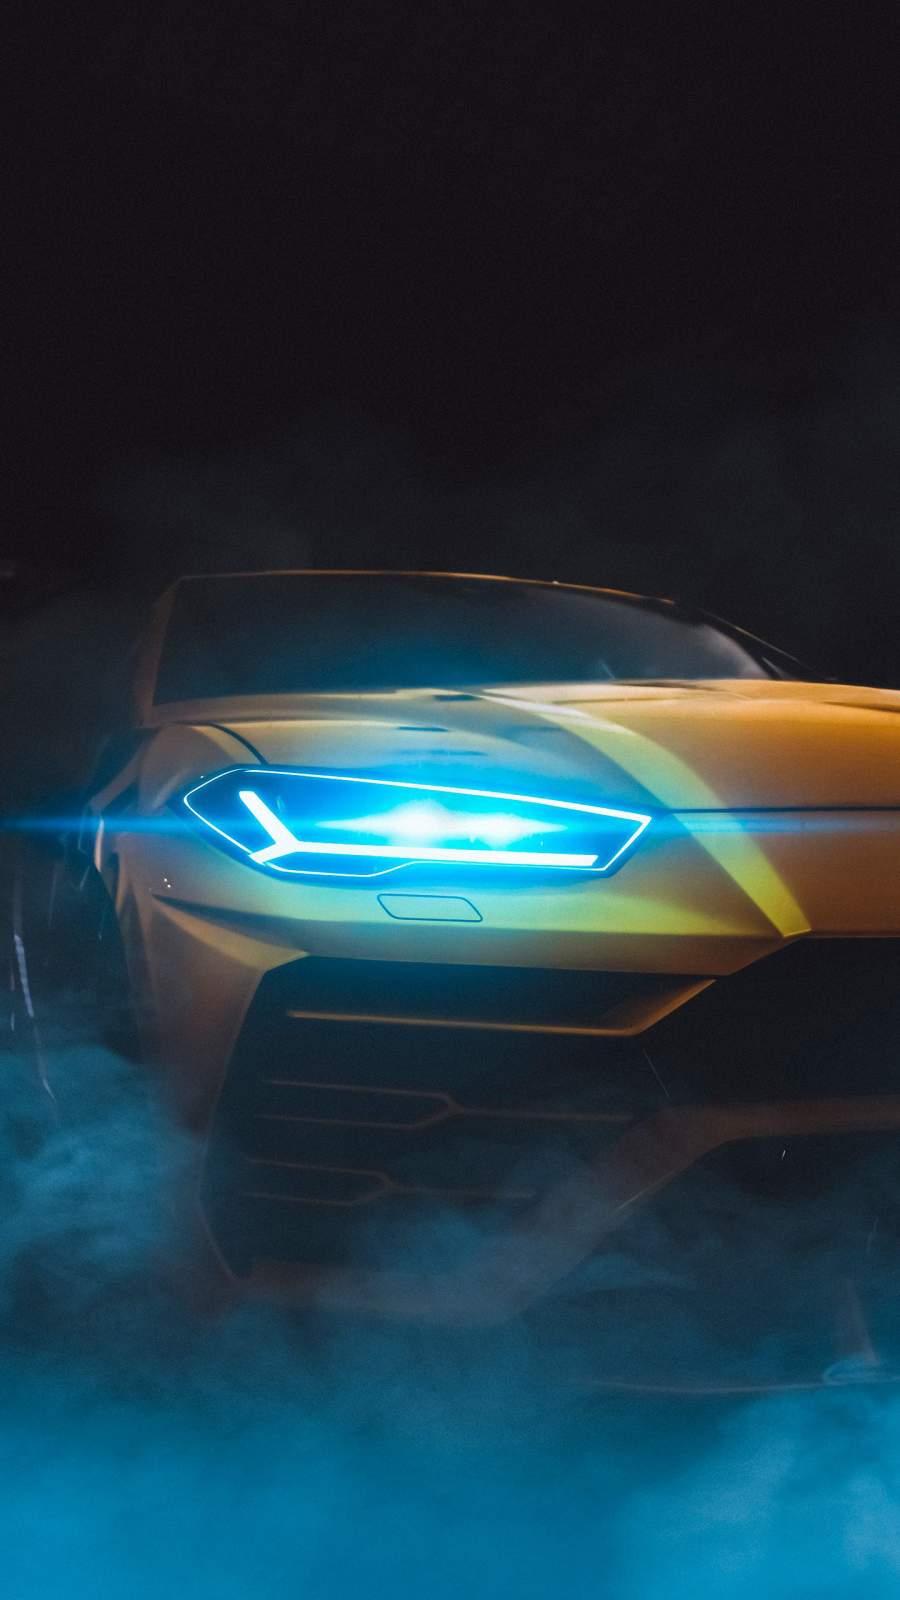 Lamborghini Urus iPhone Wallpaper